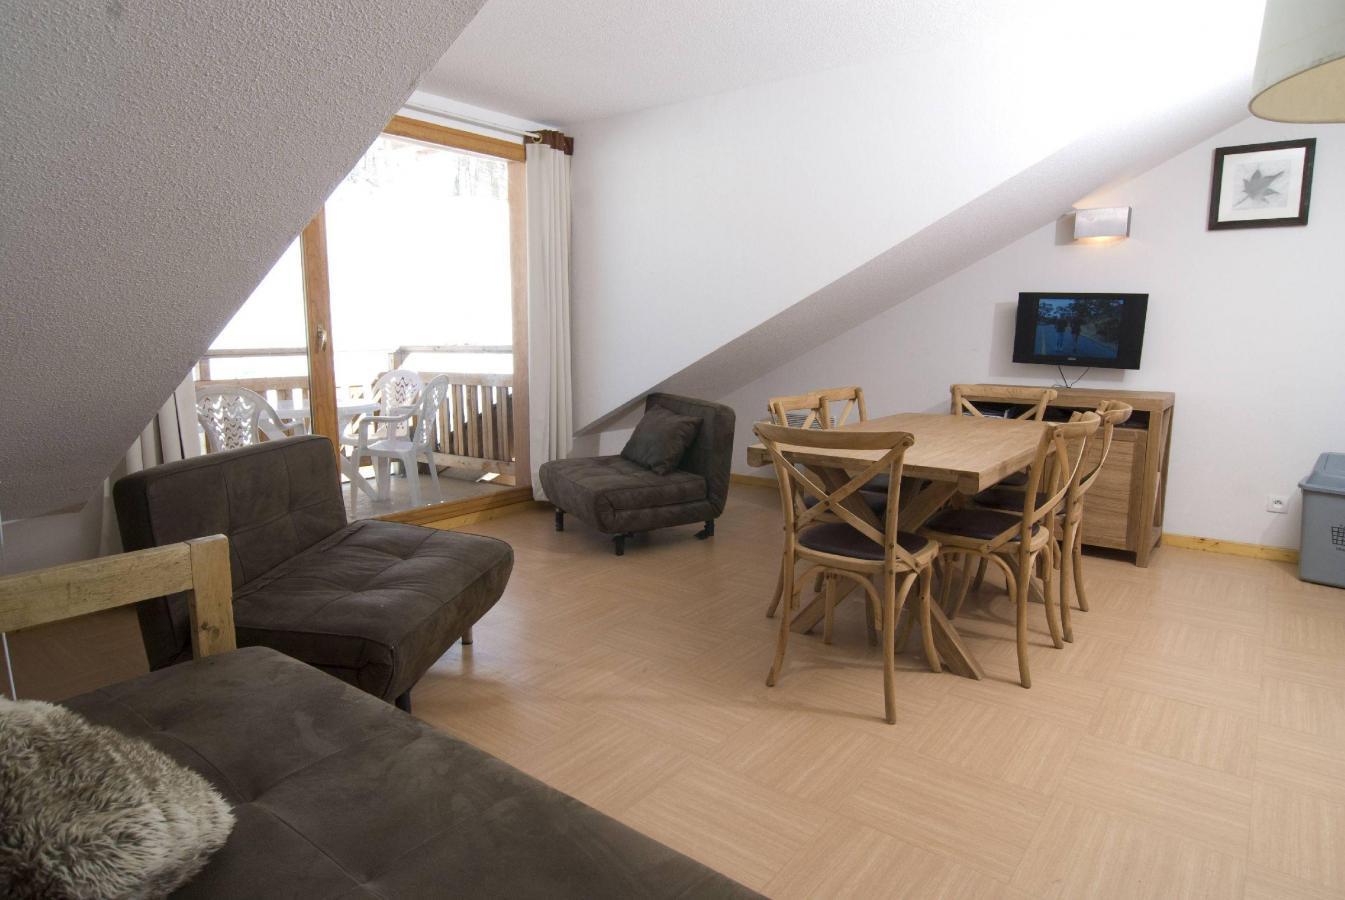 Location au ski Residence Le Balcon Des Airelles - Les Orres - Séjour